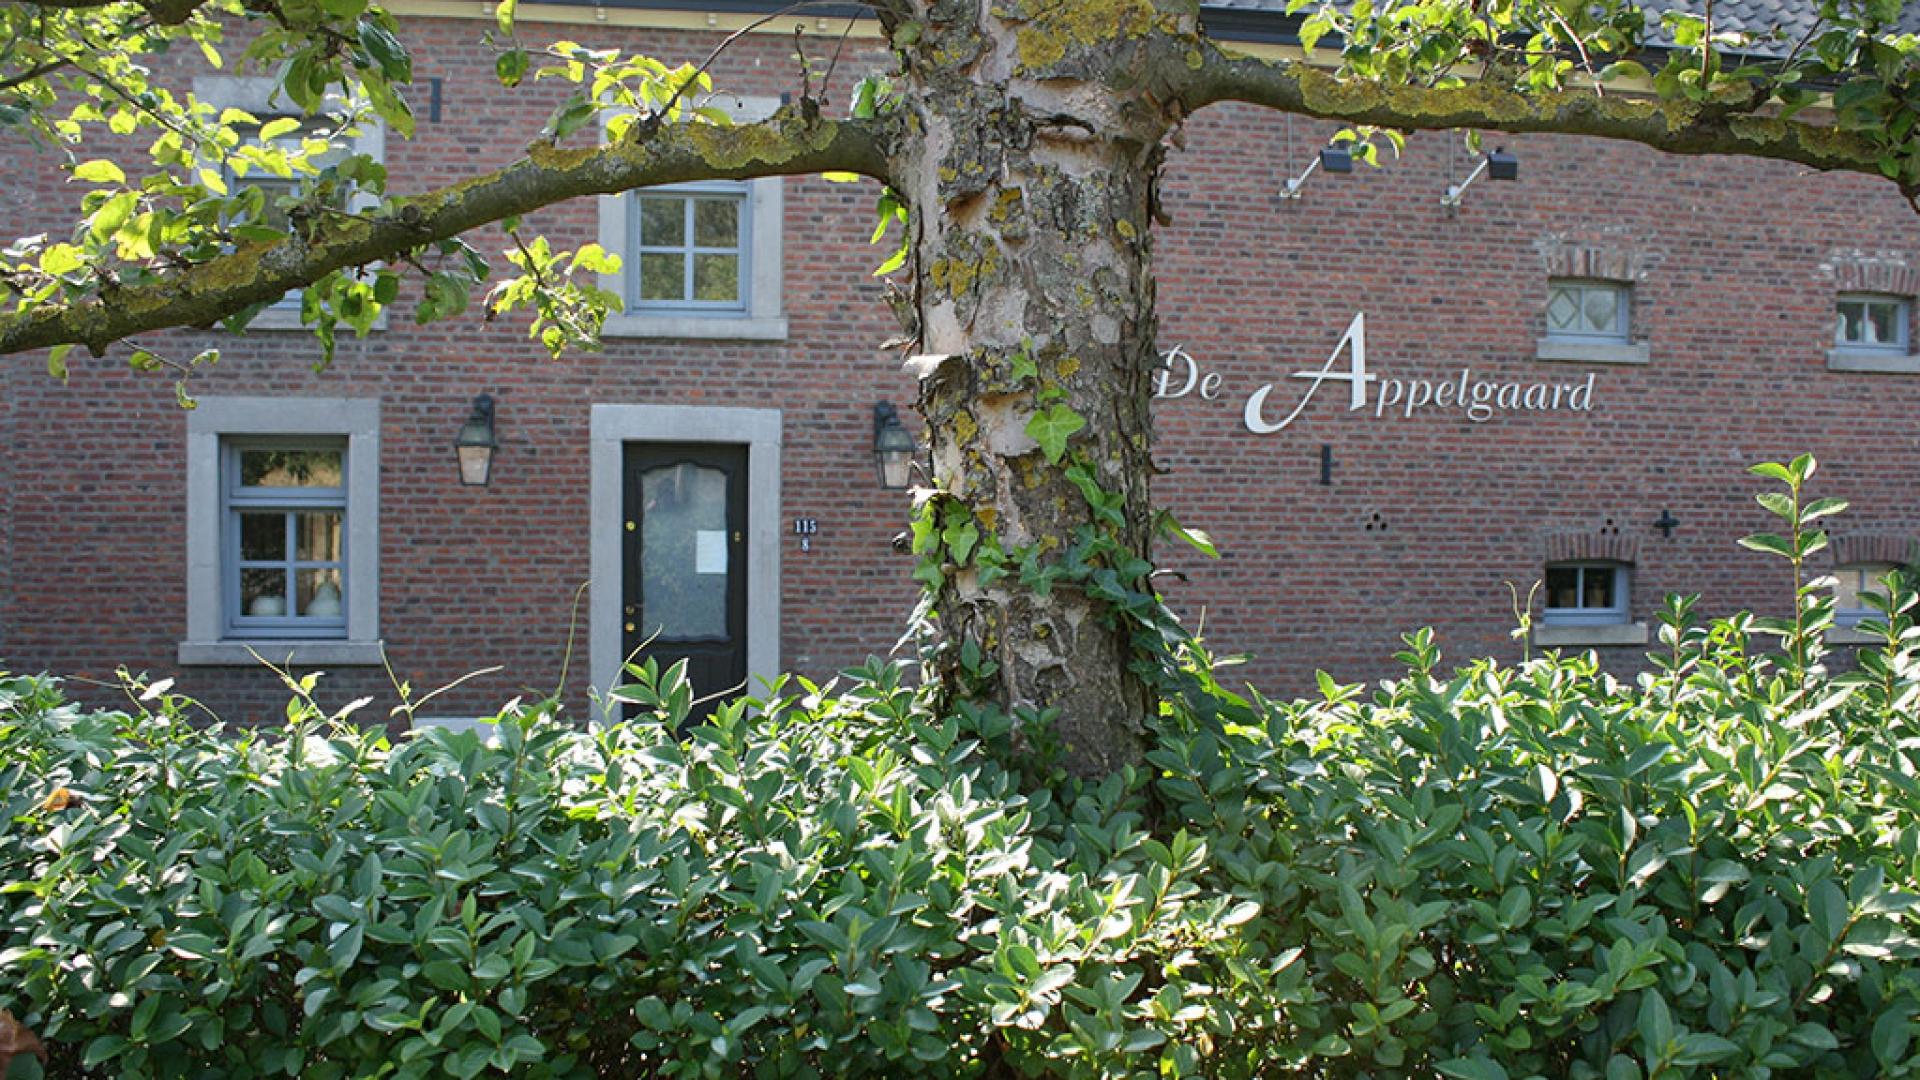 appelgaard2015